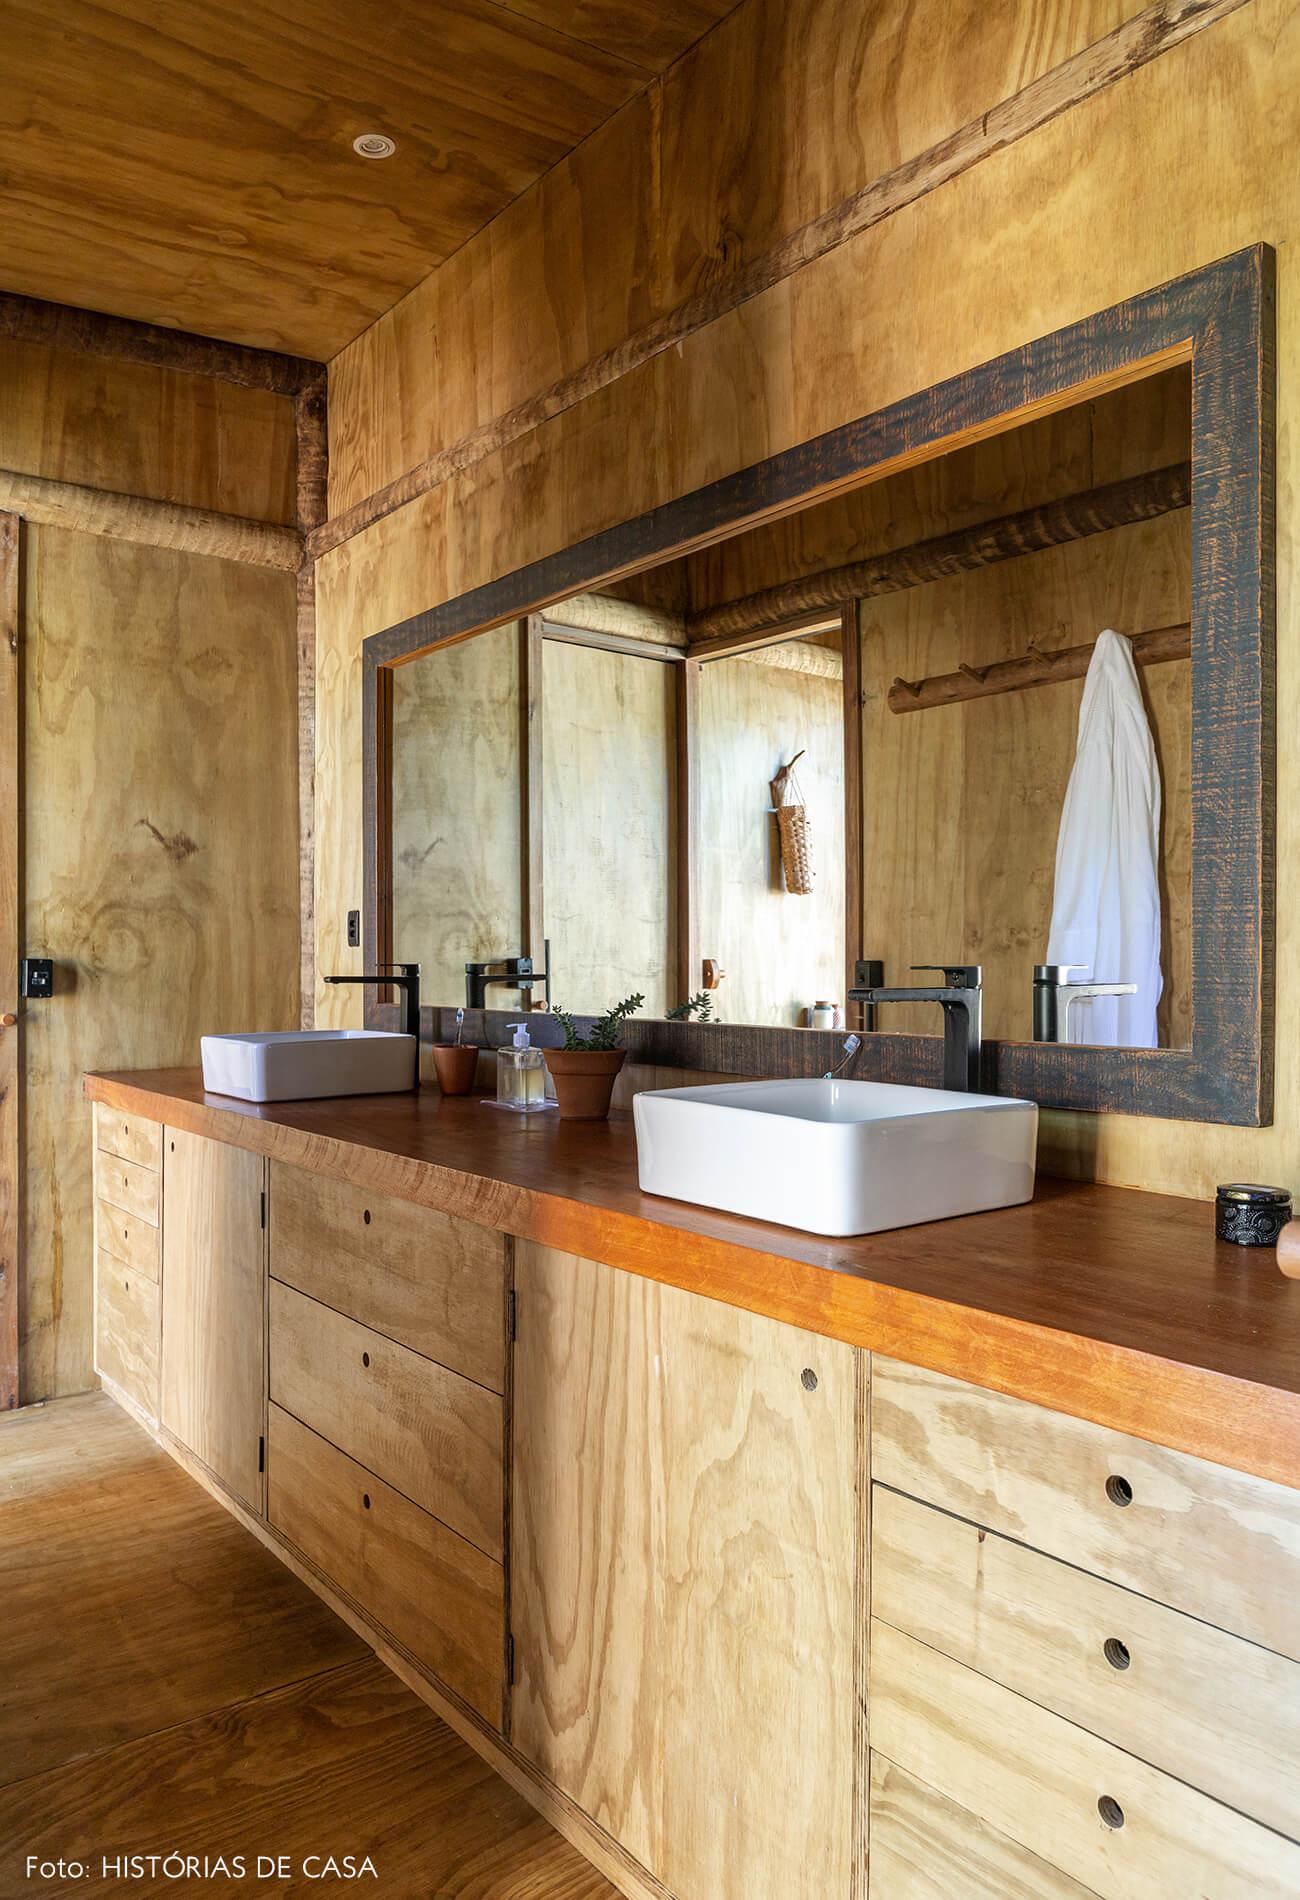 trancoso-decoracao-hotel-villase7e-33-banheiro-chao-estante-armario-piso-parede-moldura-espelho-madeira